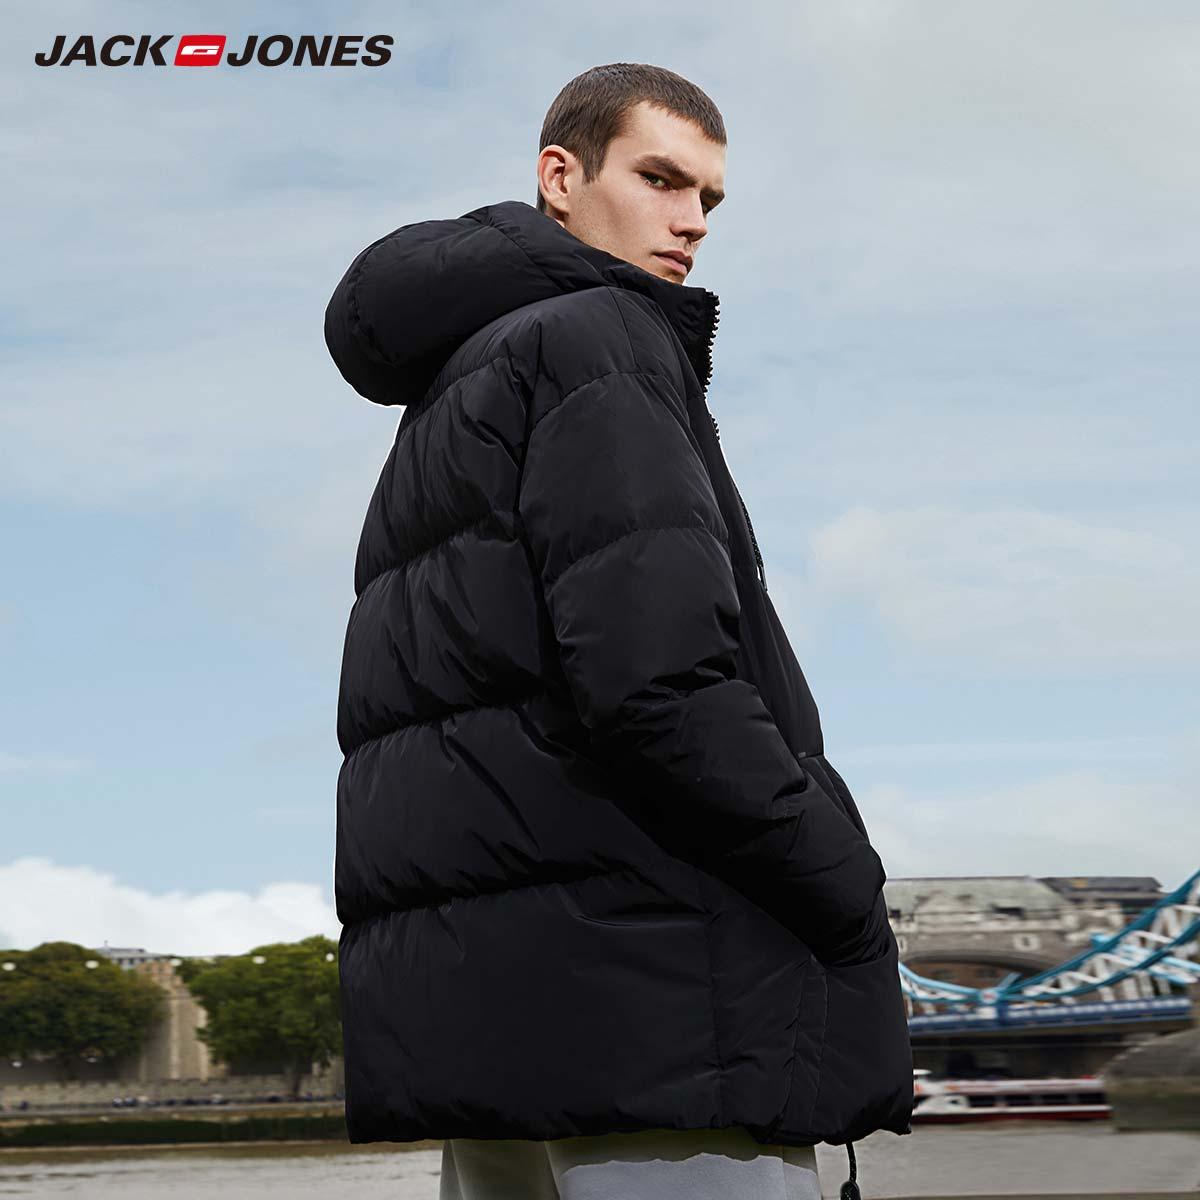 Jackjones 남성 겨울 후드 오리 자켓 남성 캐주얼 패션 코트 2019 브랜드 뉴 남성복 218312531-에서다운 재킷부터 남성 의류 의  그룹 1